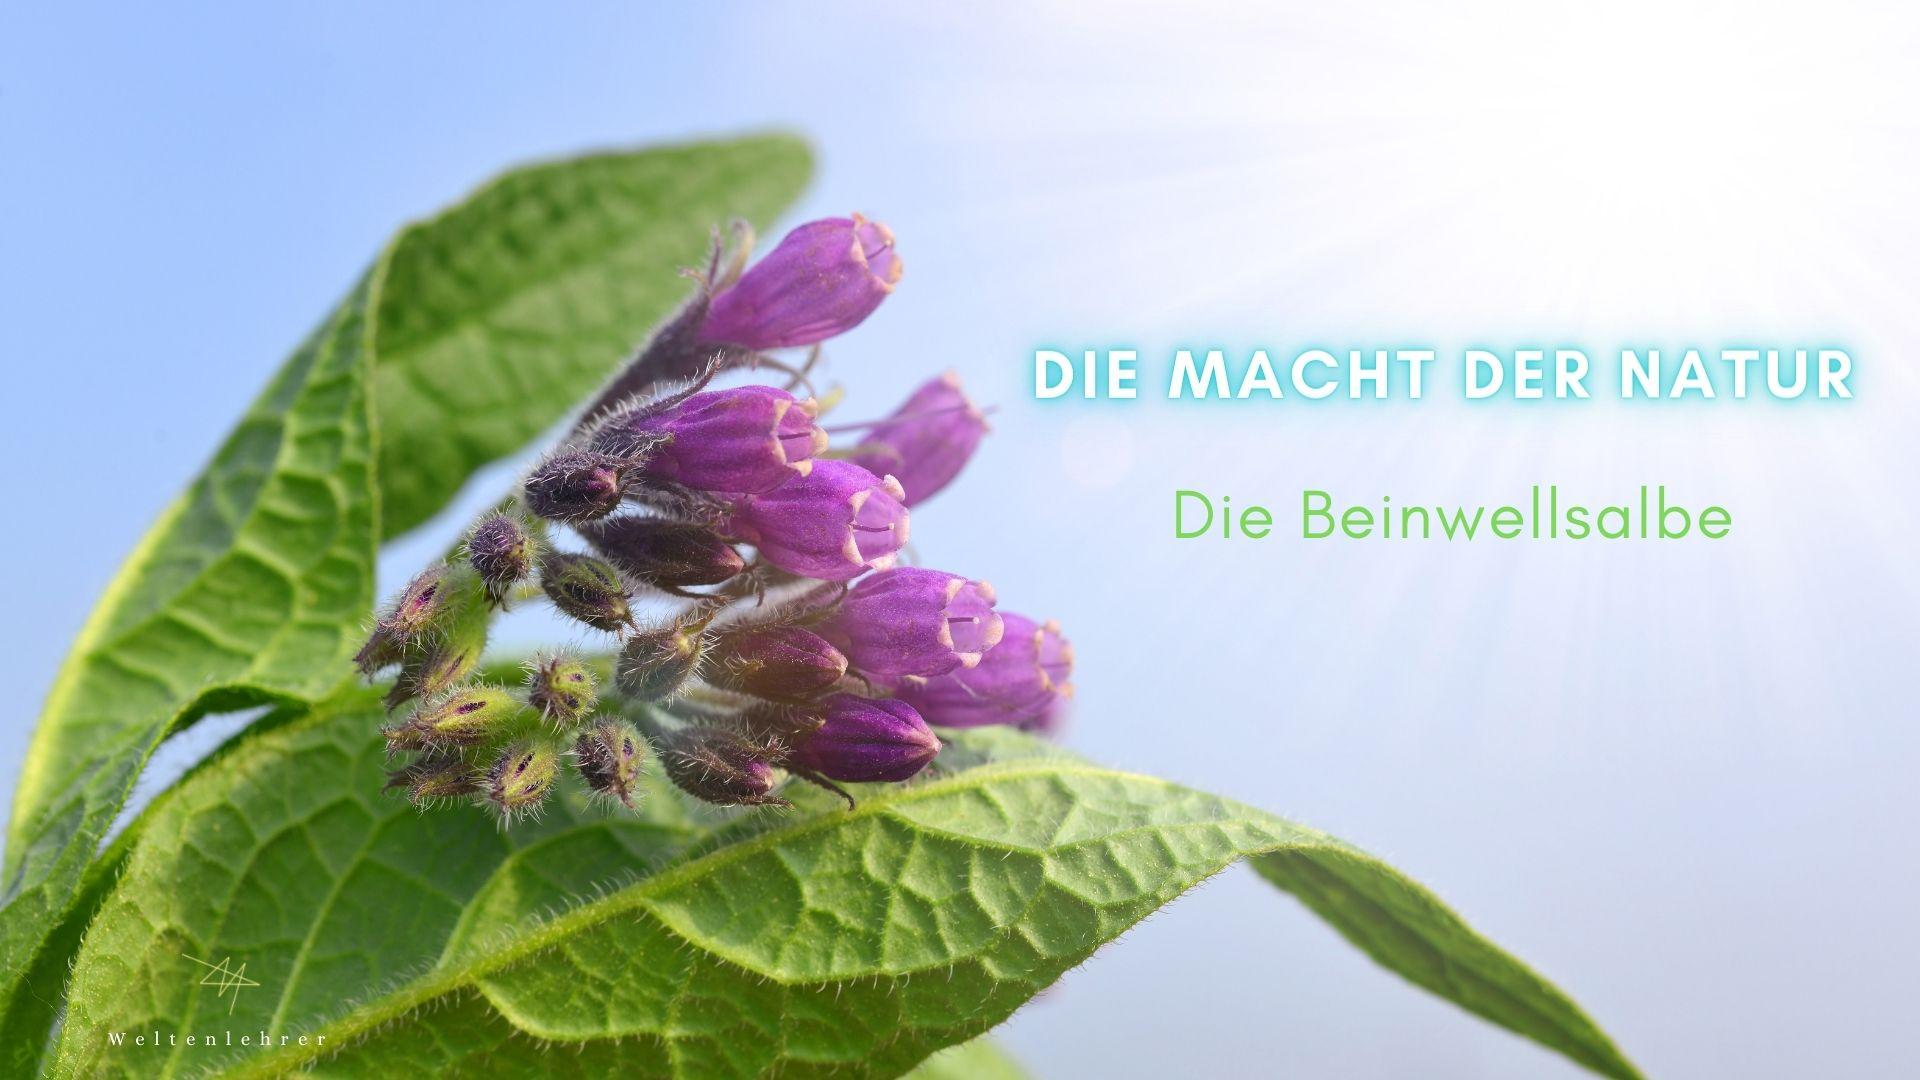 Weltenlehrer-Gesundheitstipp - Die Macht der Natur, die Beinwellsalbe.